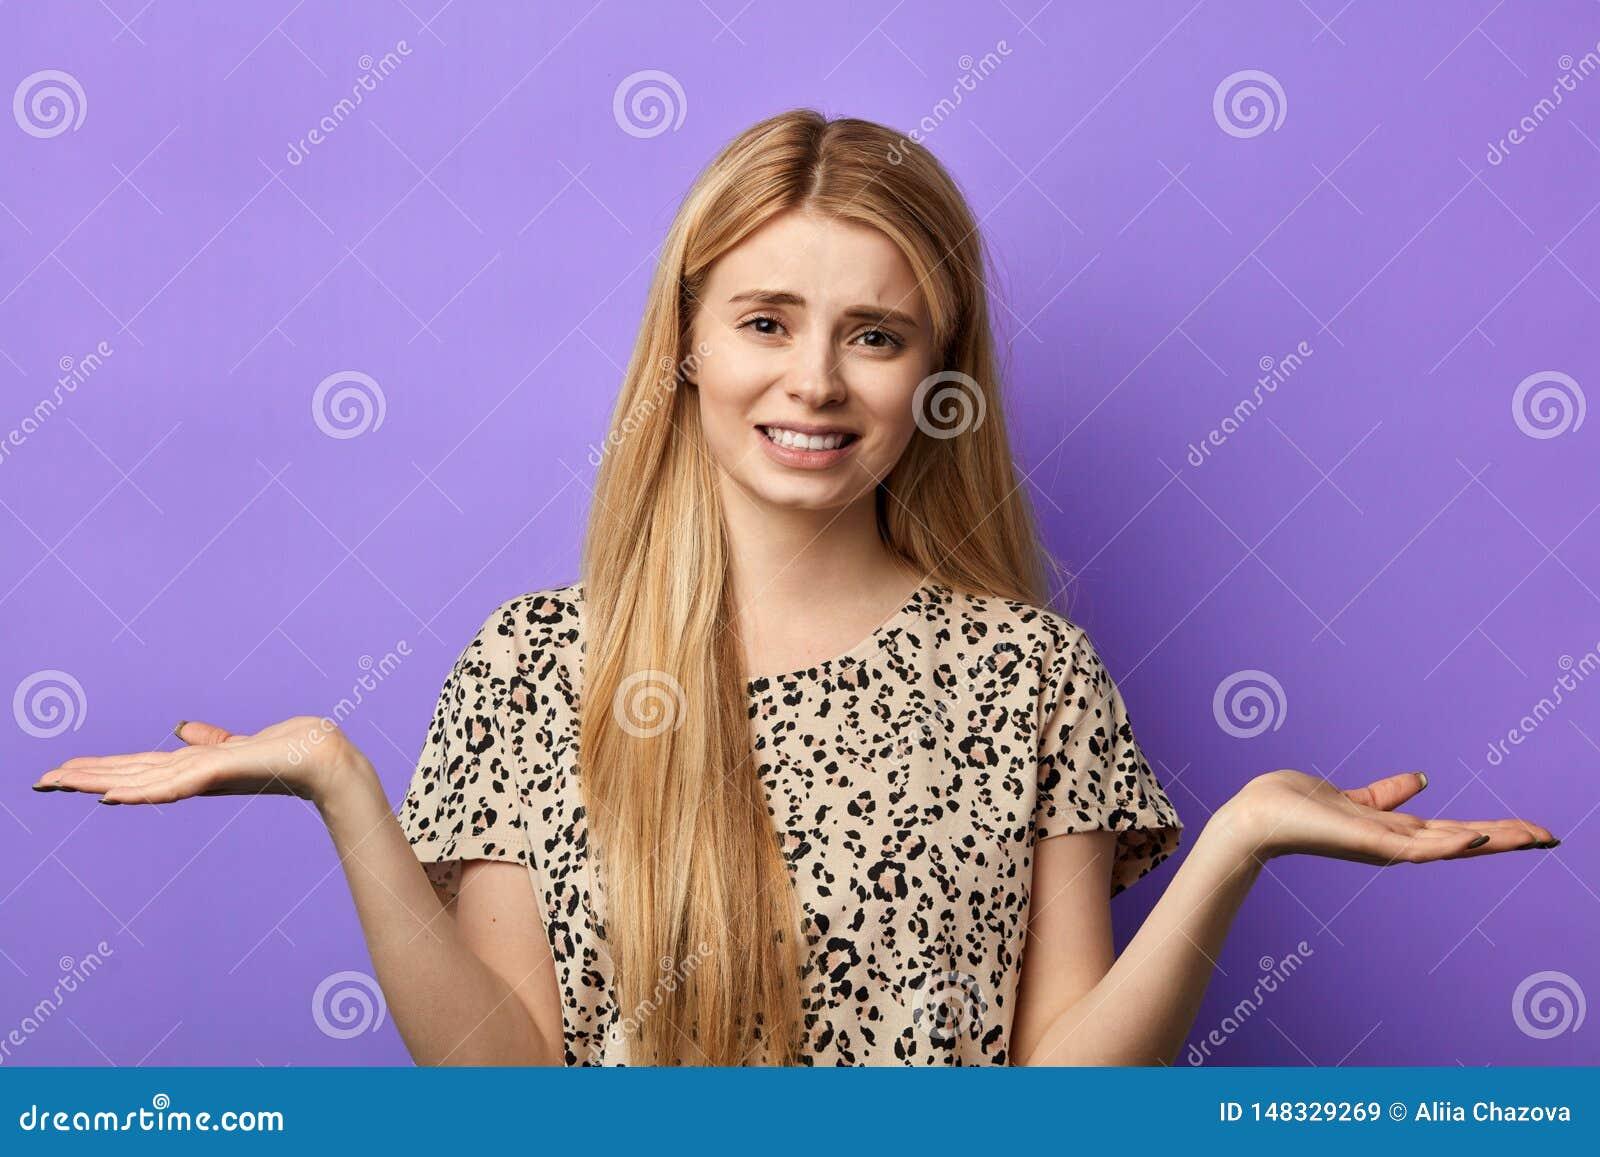 Το δυστυχισμένο συναισθηματικό κορίτσι με τα αυξημένα χέρια δεν ξέρει πώς να λύσει ένα πρόβλημα